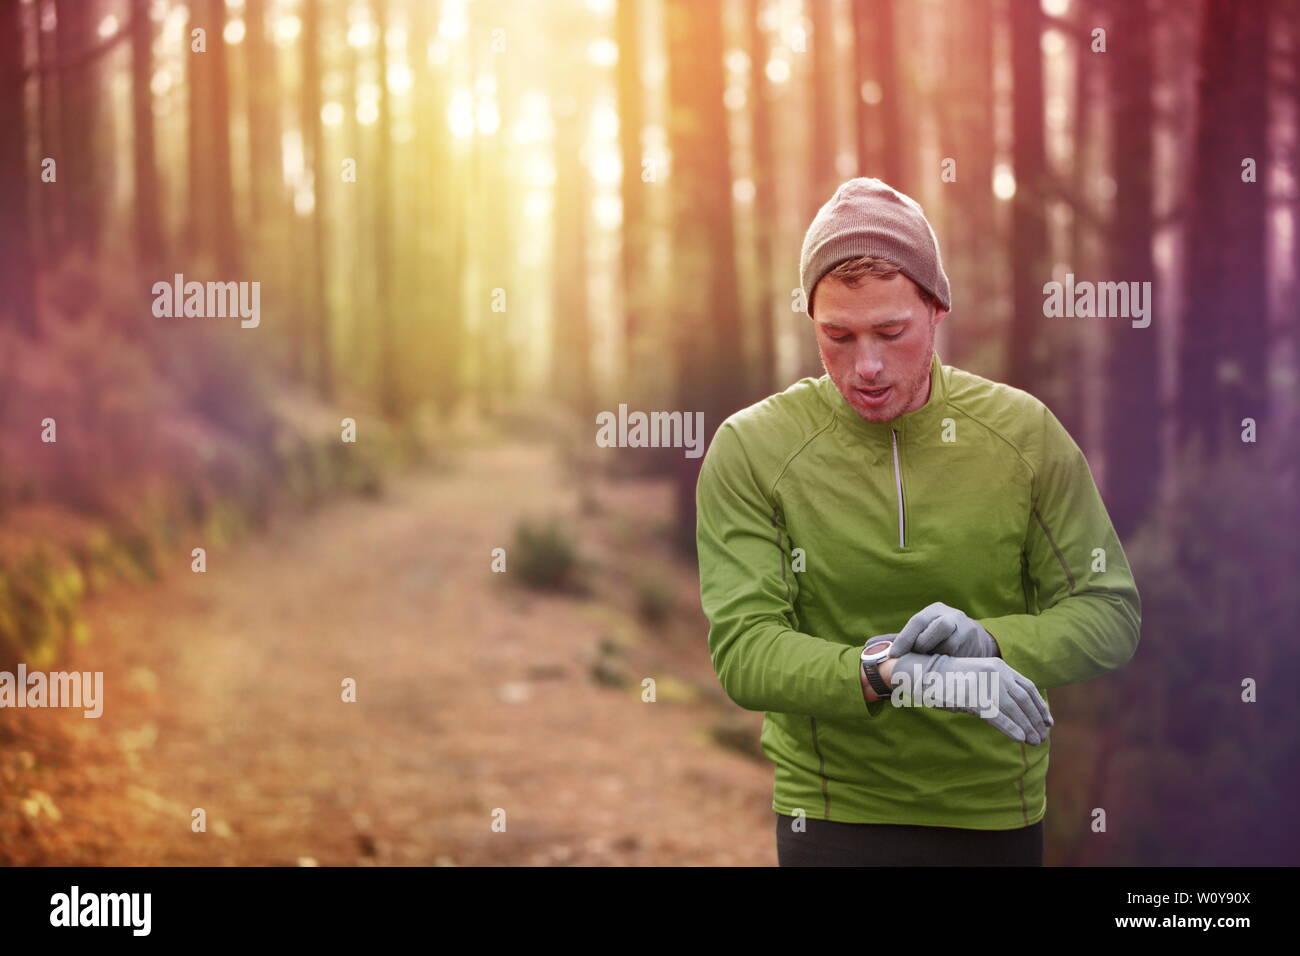 Trail running runner mirando al monitor de ritmo cardíaco ver corriendo en el bosque vistiendo chaqueta deportiva, gorro y guantes. Emparejador macho ejecuta la formación de bosques. Foto de stock